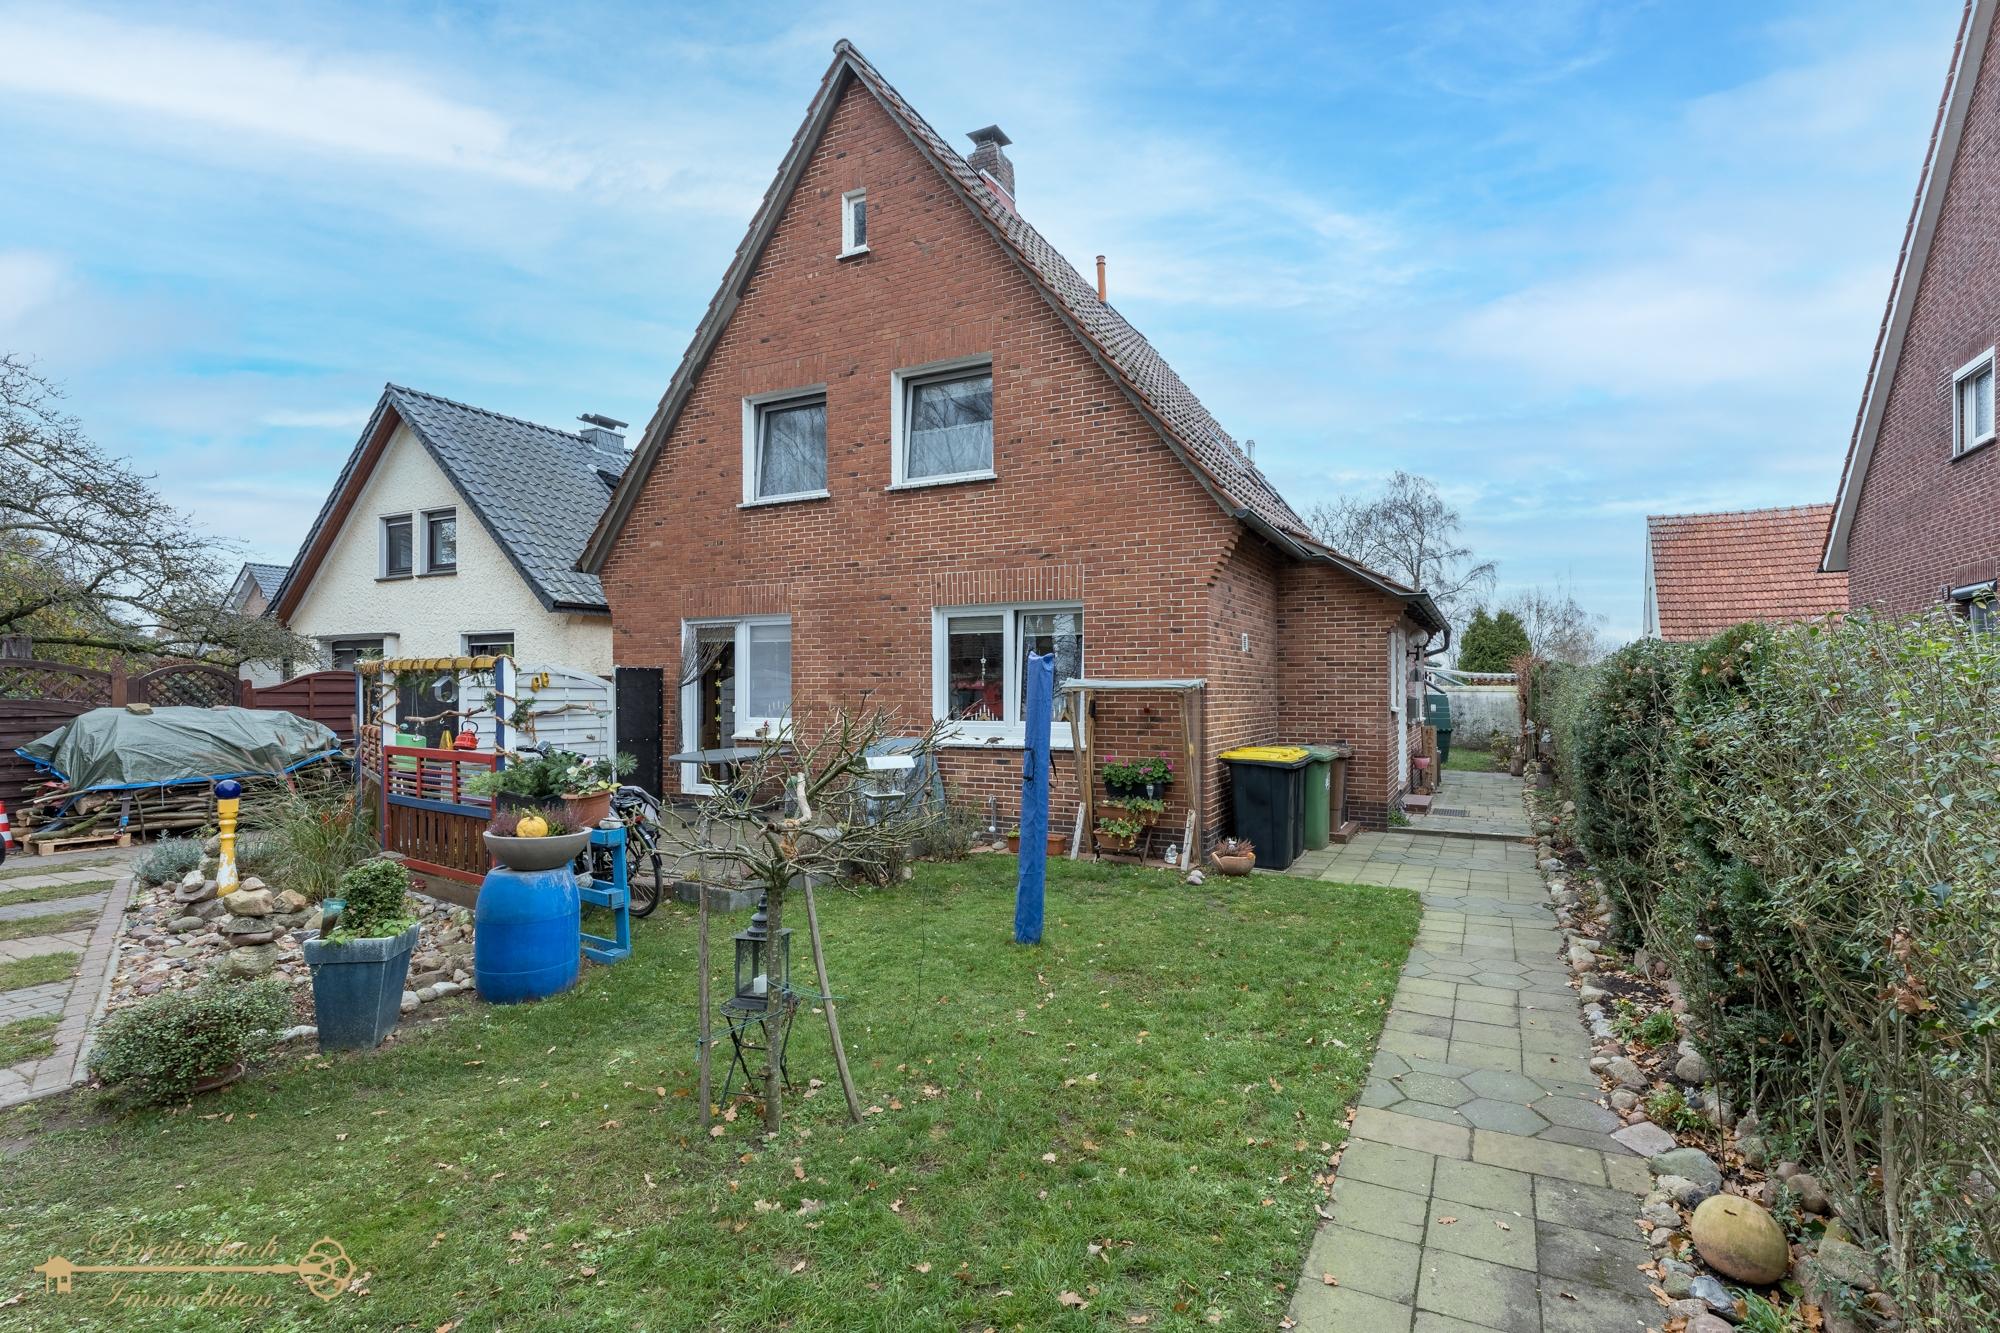 2020-11-29-Breitenbach-Immobilien-1